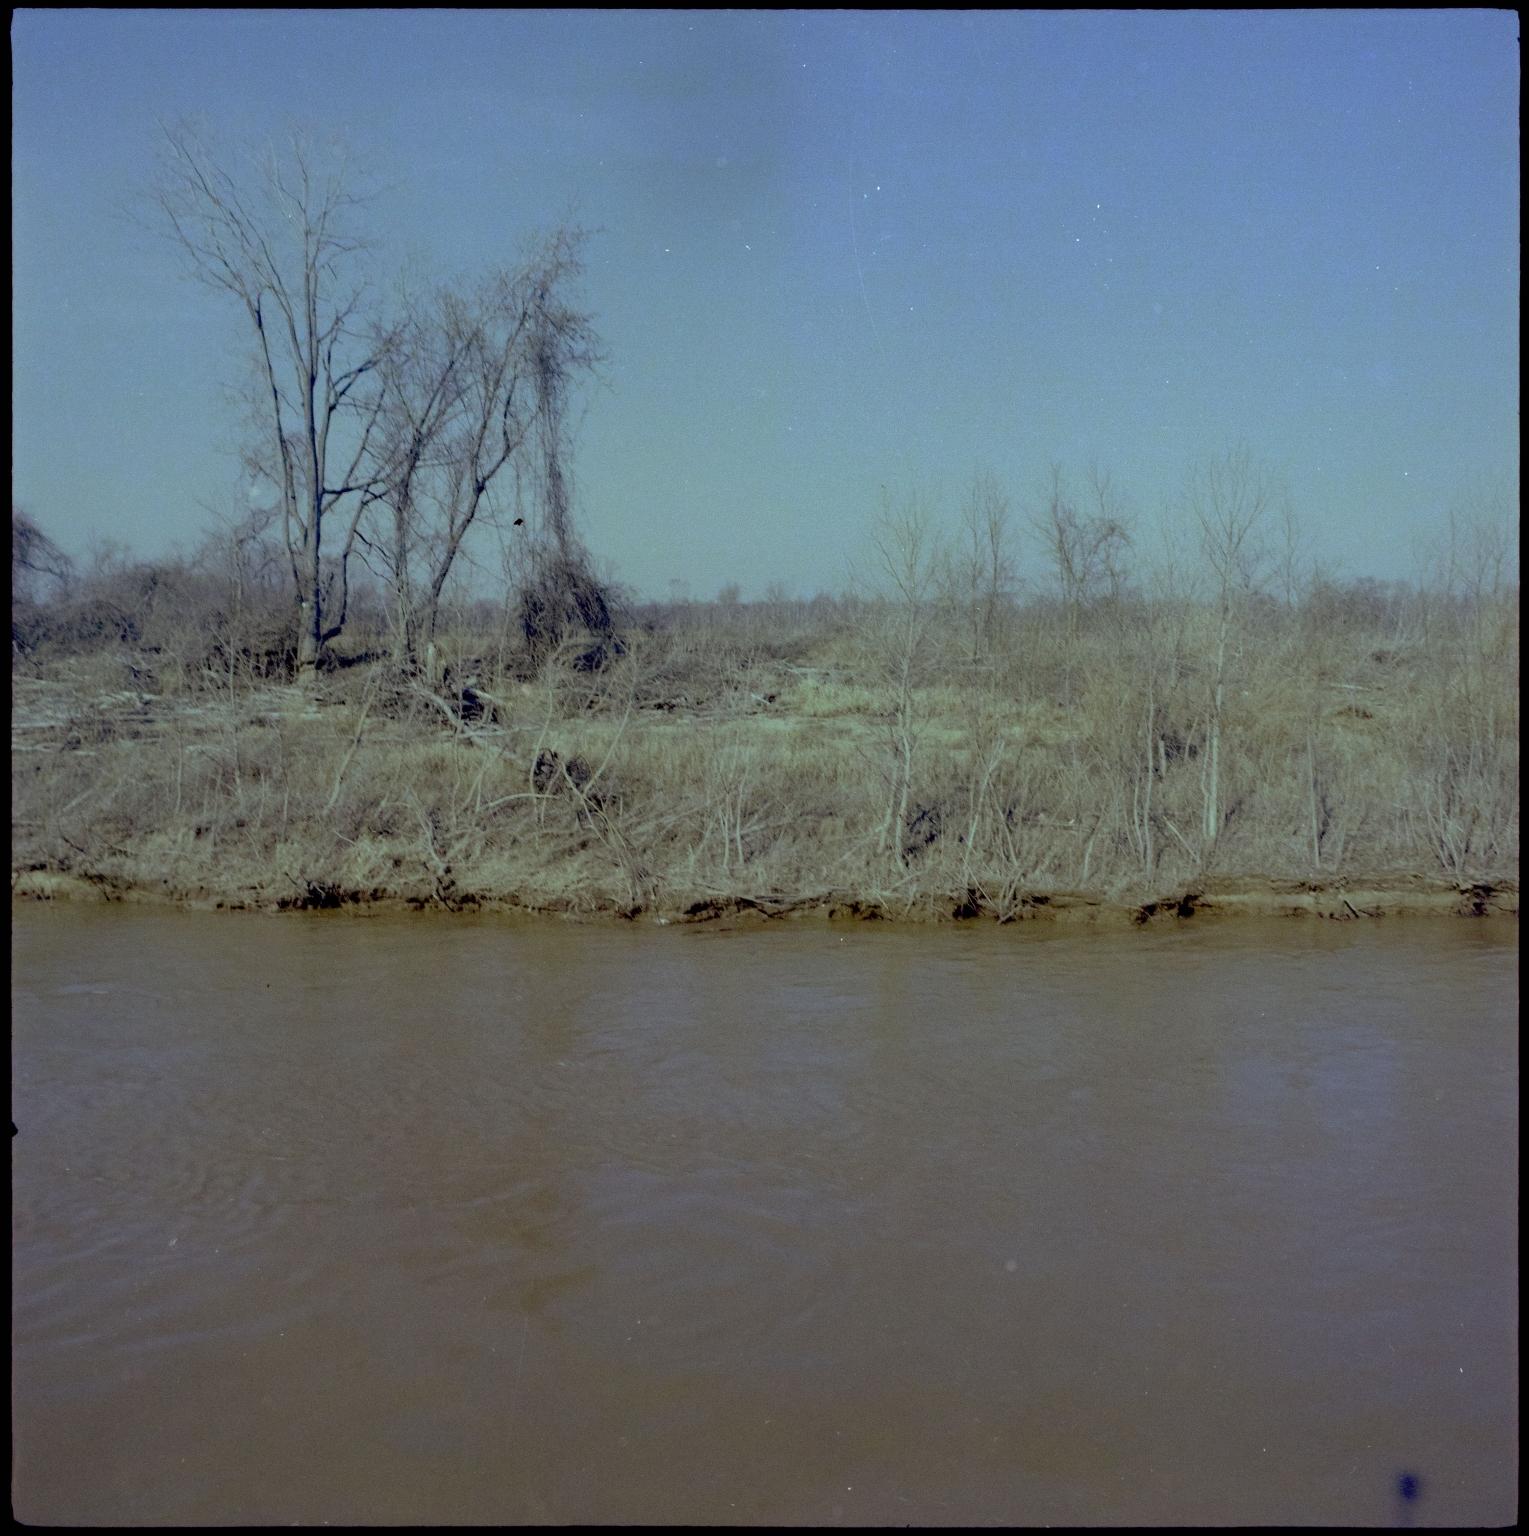 Ohio River Erosion